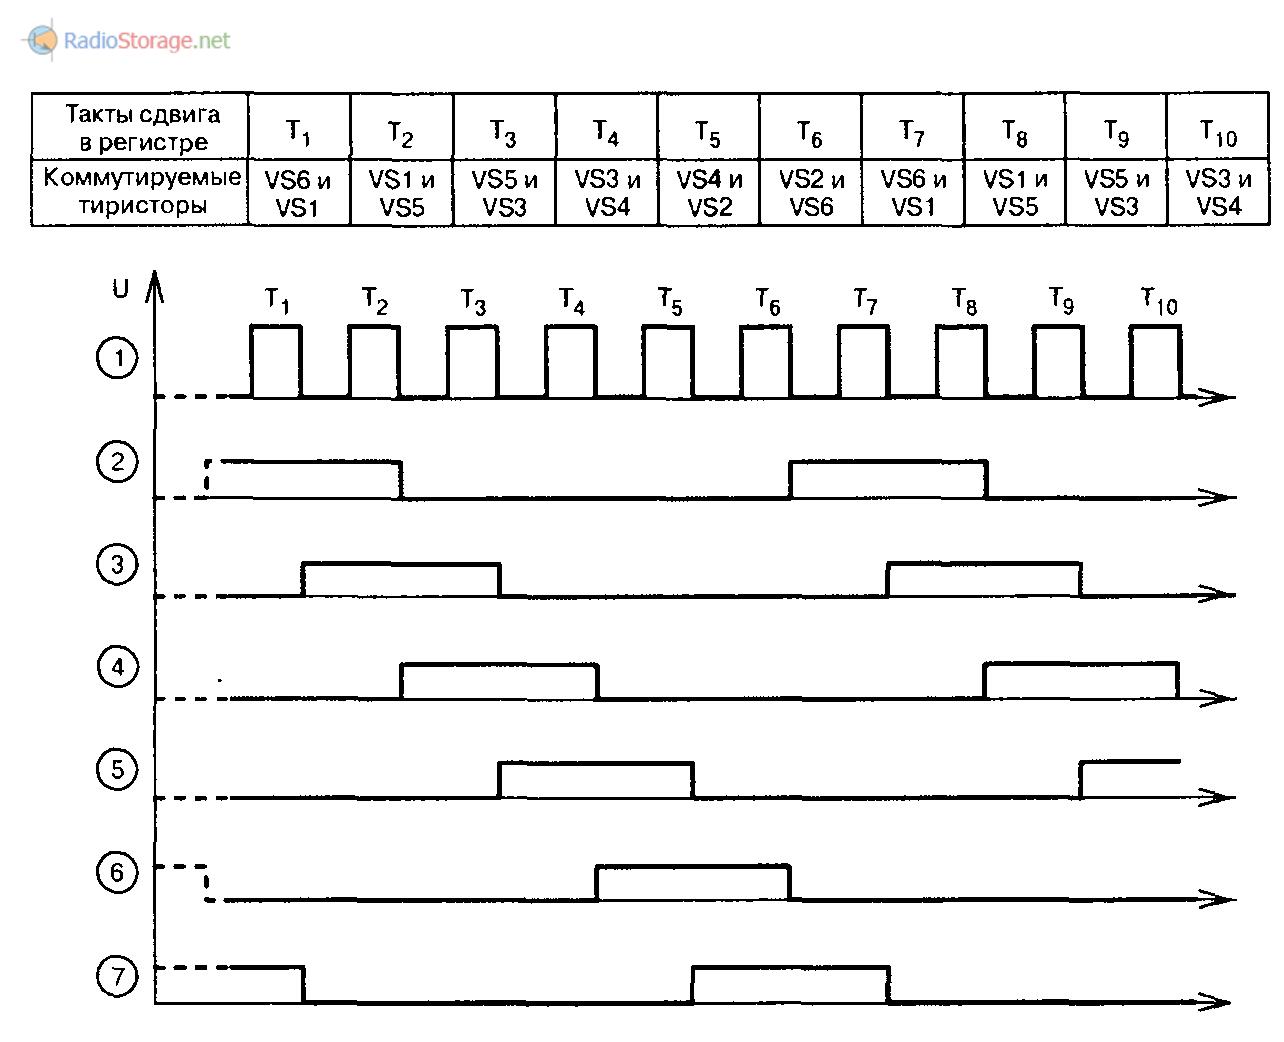 Диаграмма работы - последовательности коммутации тиристоров